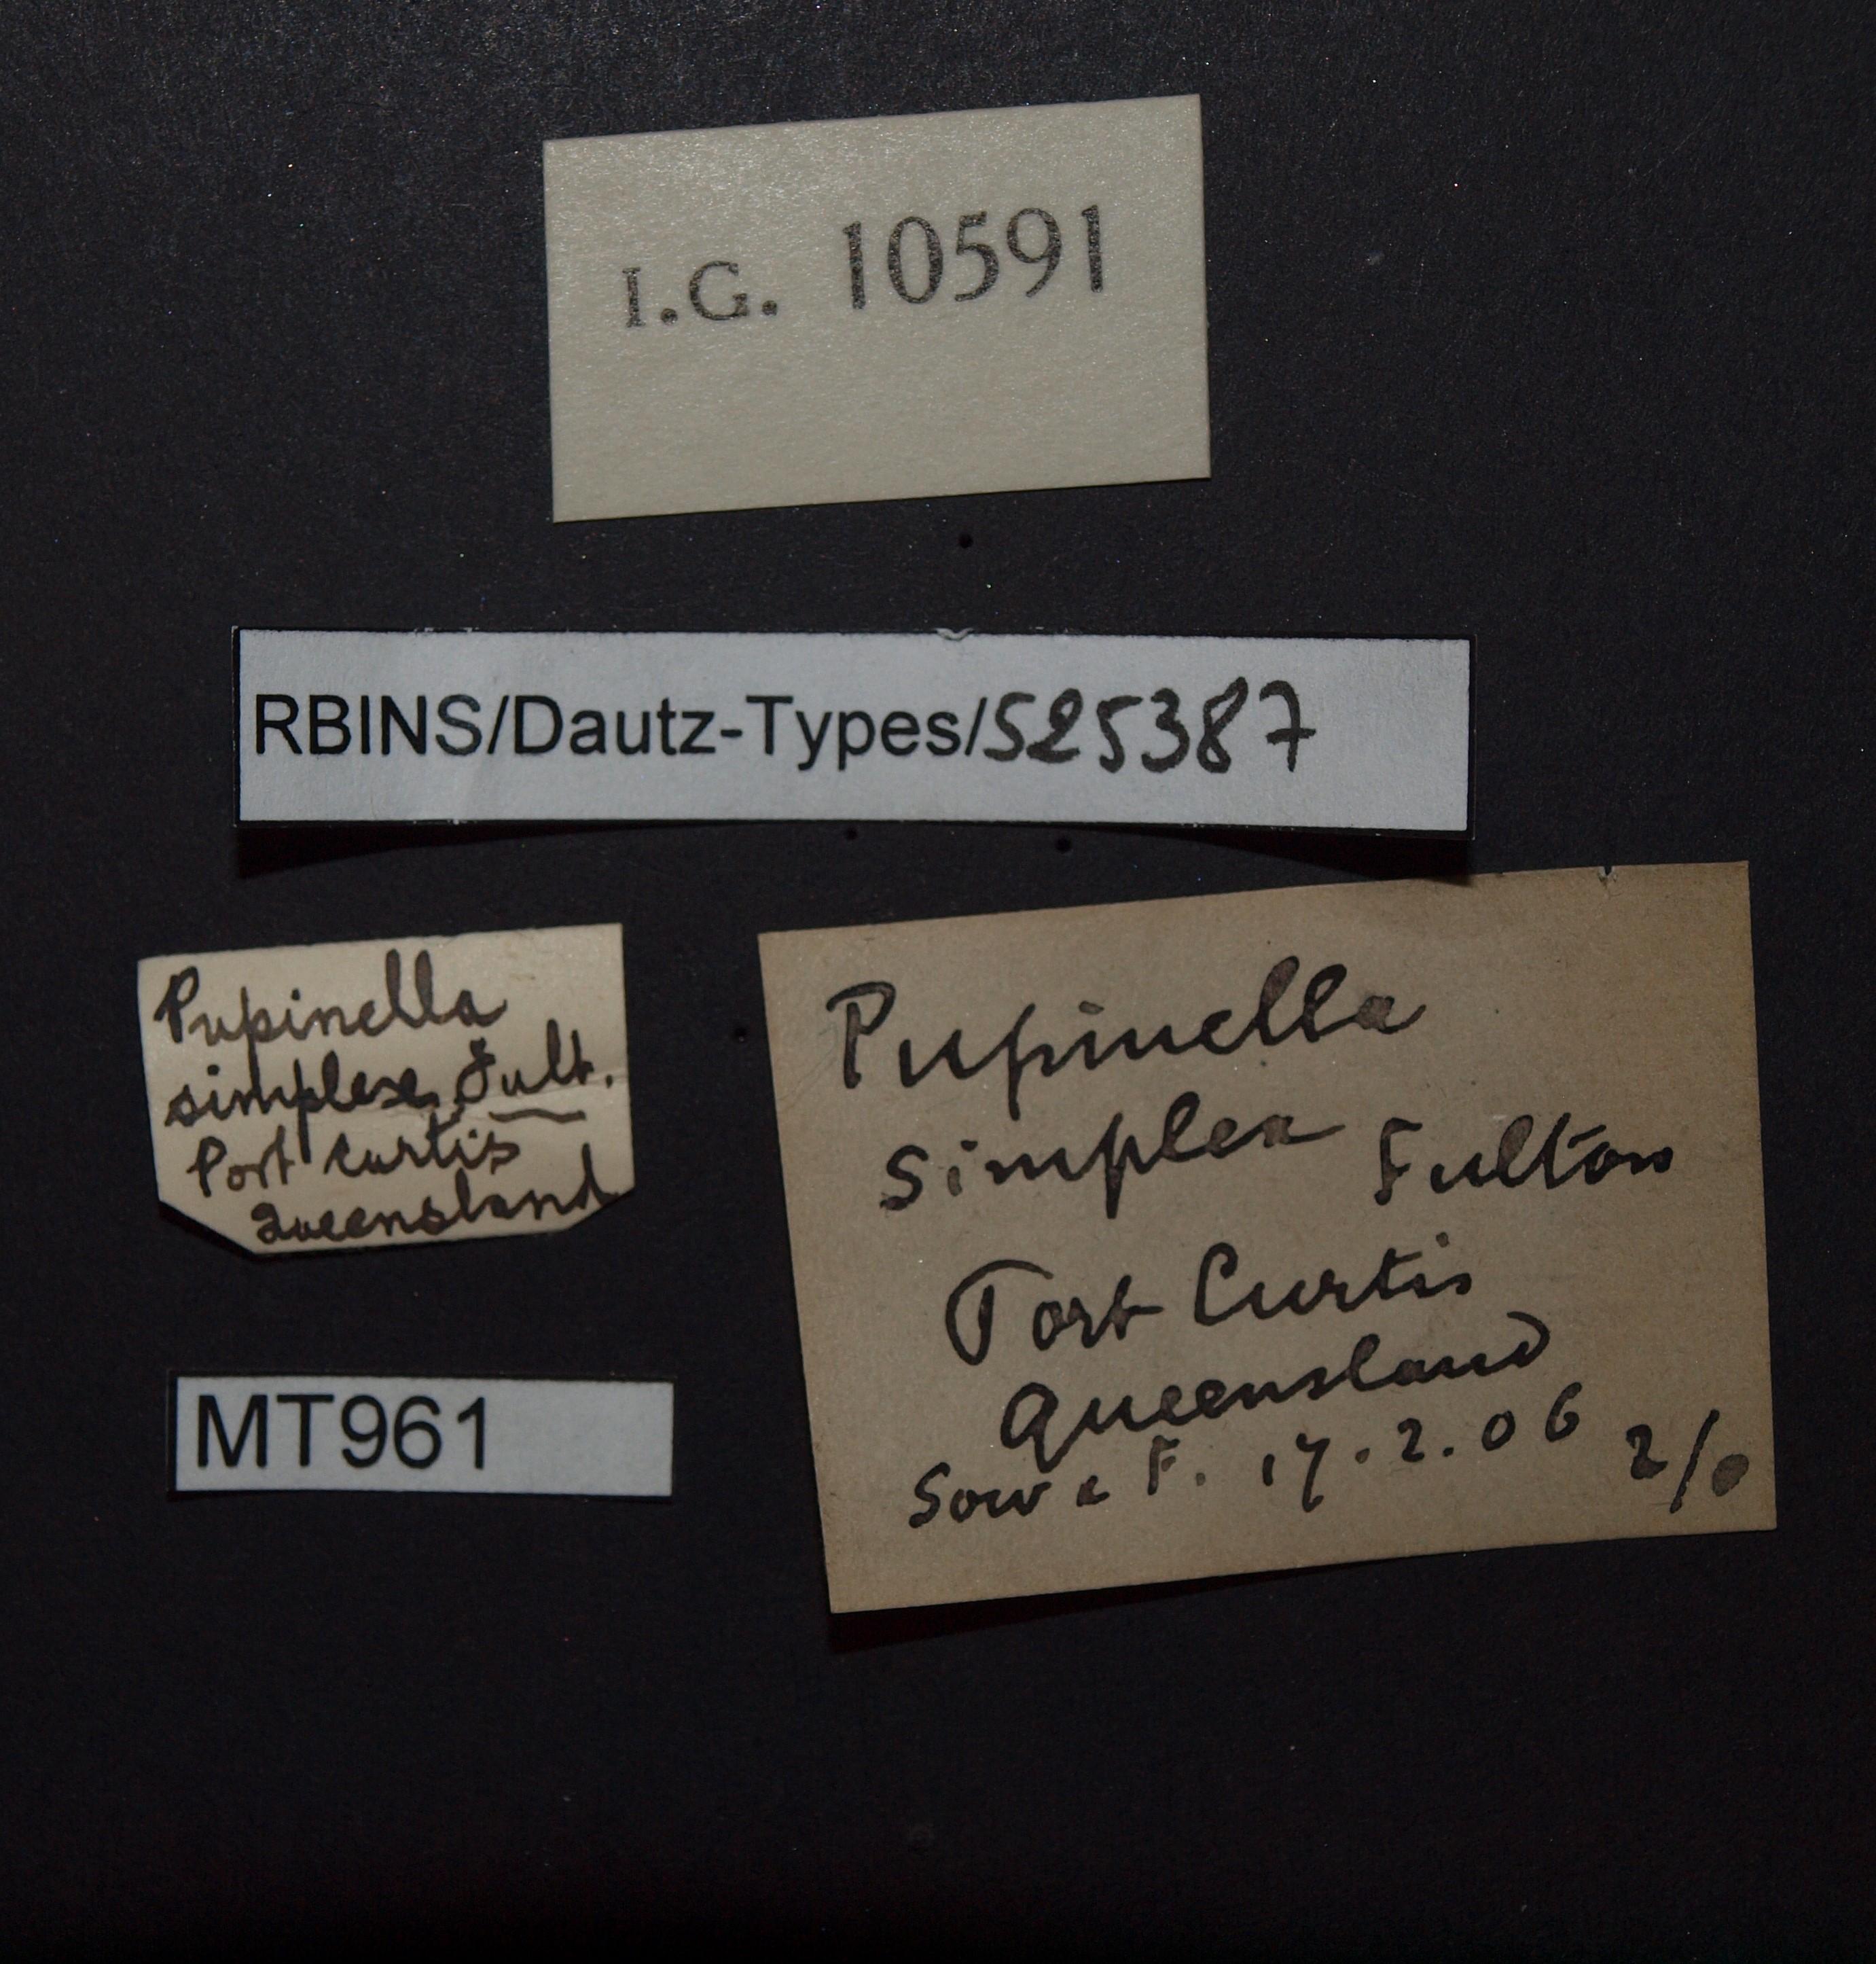 Pupinella simplex pt.JPG